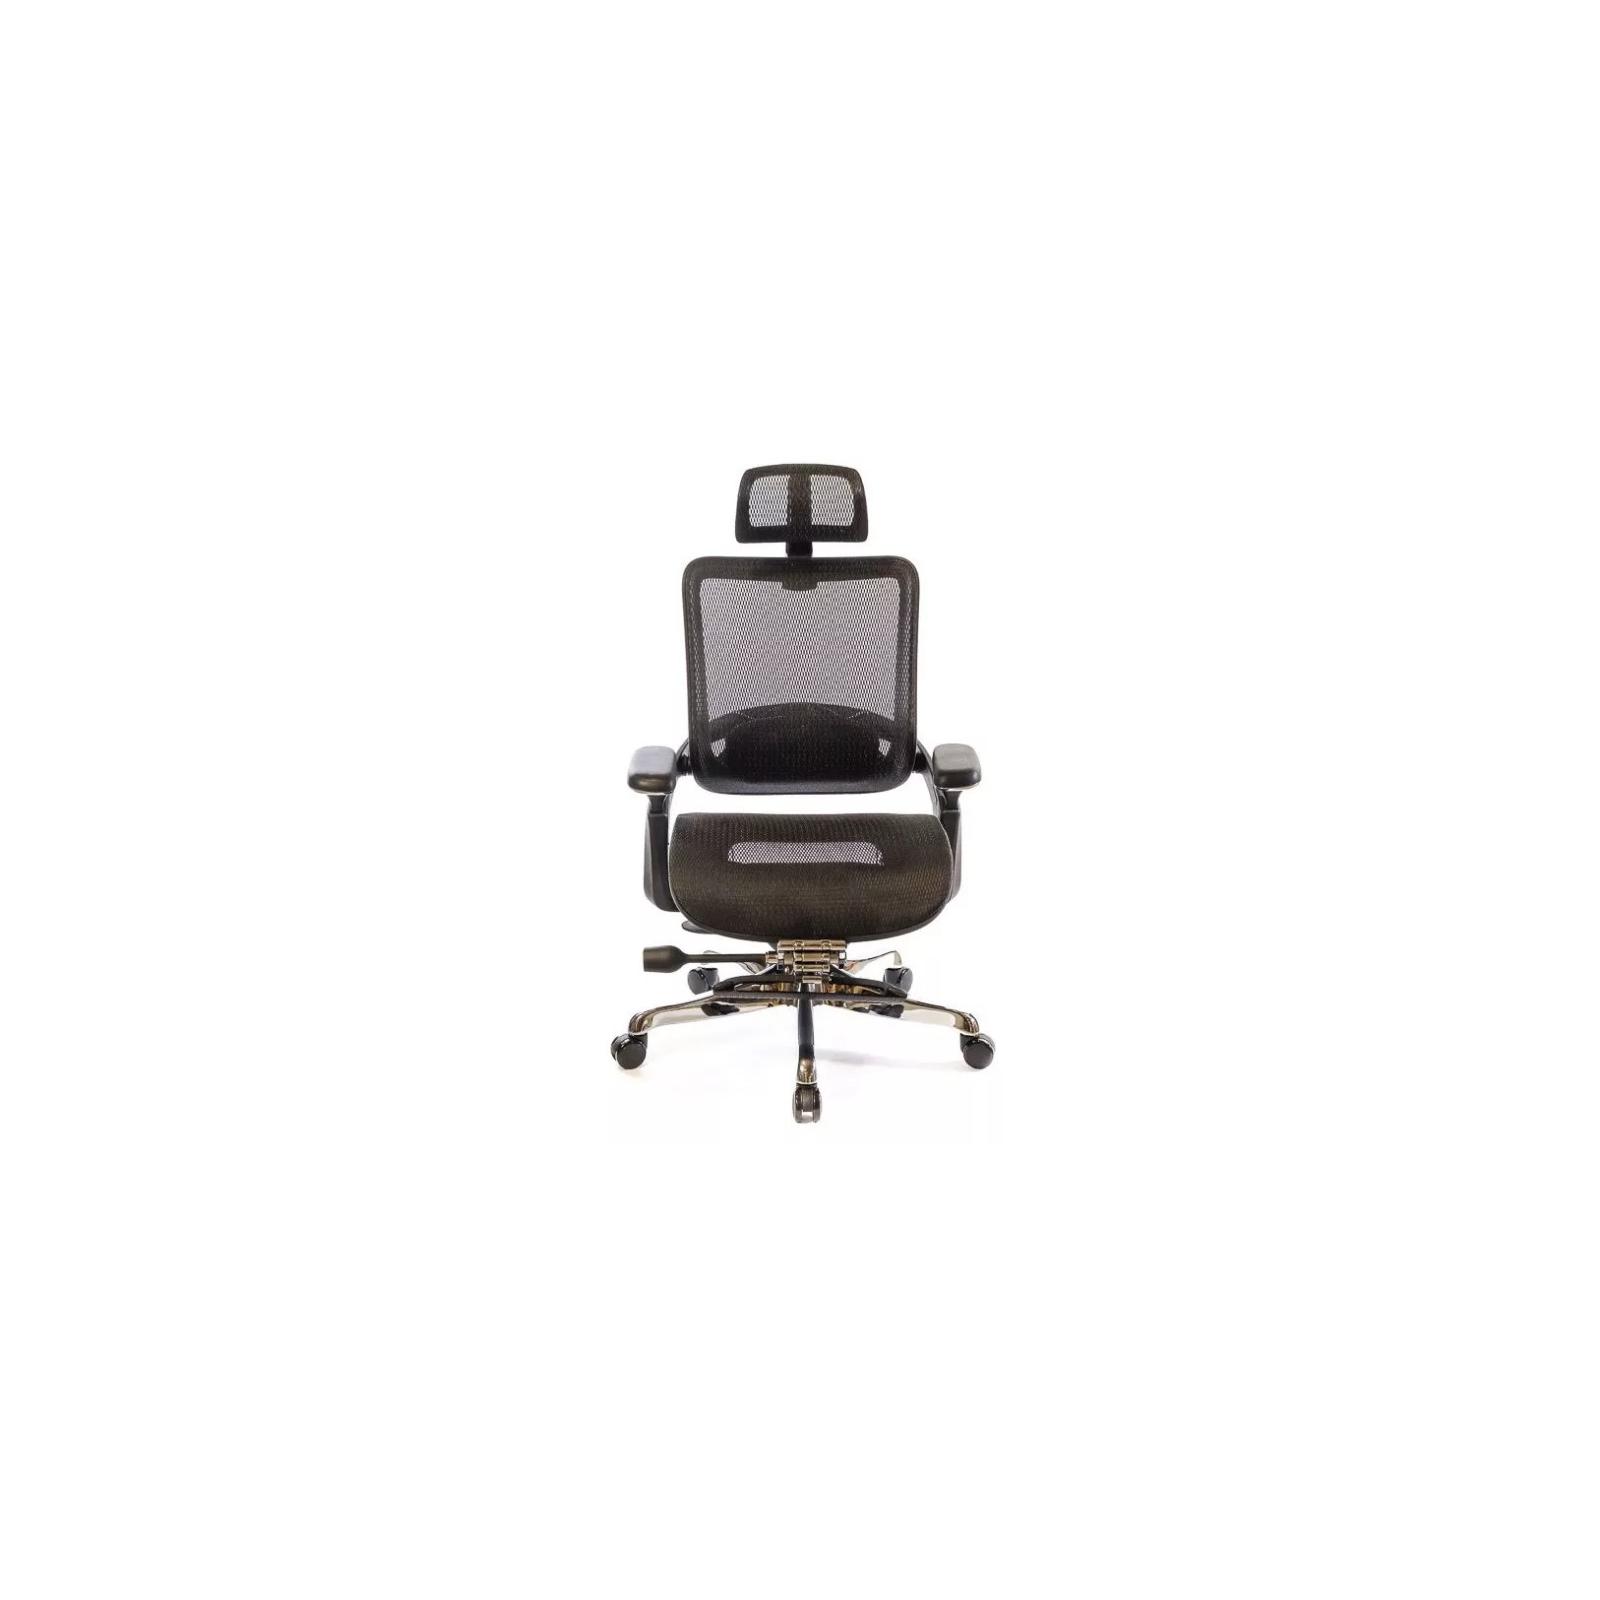 Офисное кресло Аклас Авангард CH SR Черное (12234) изображение 2